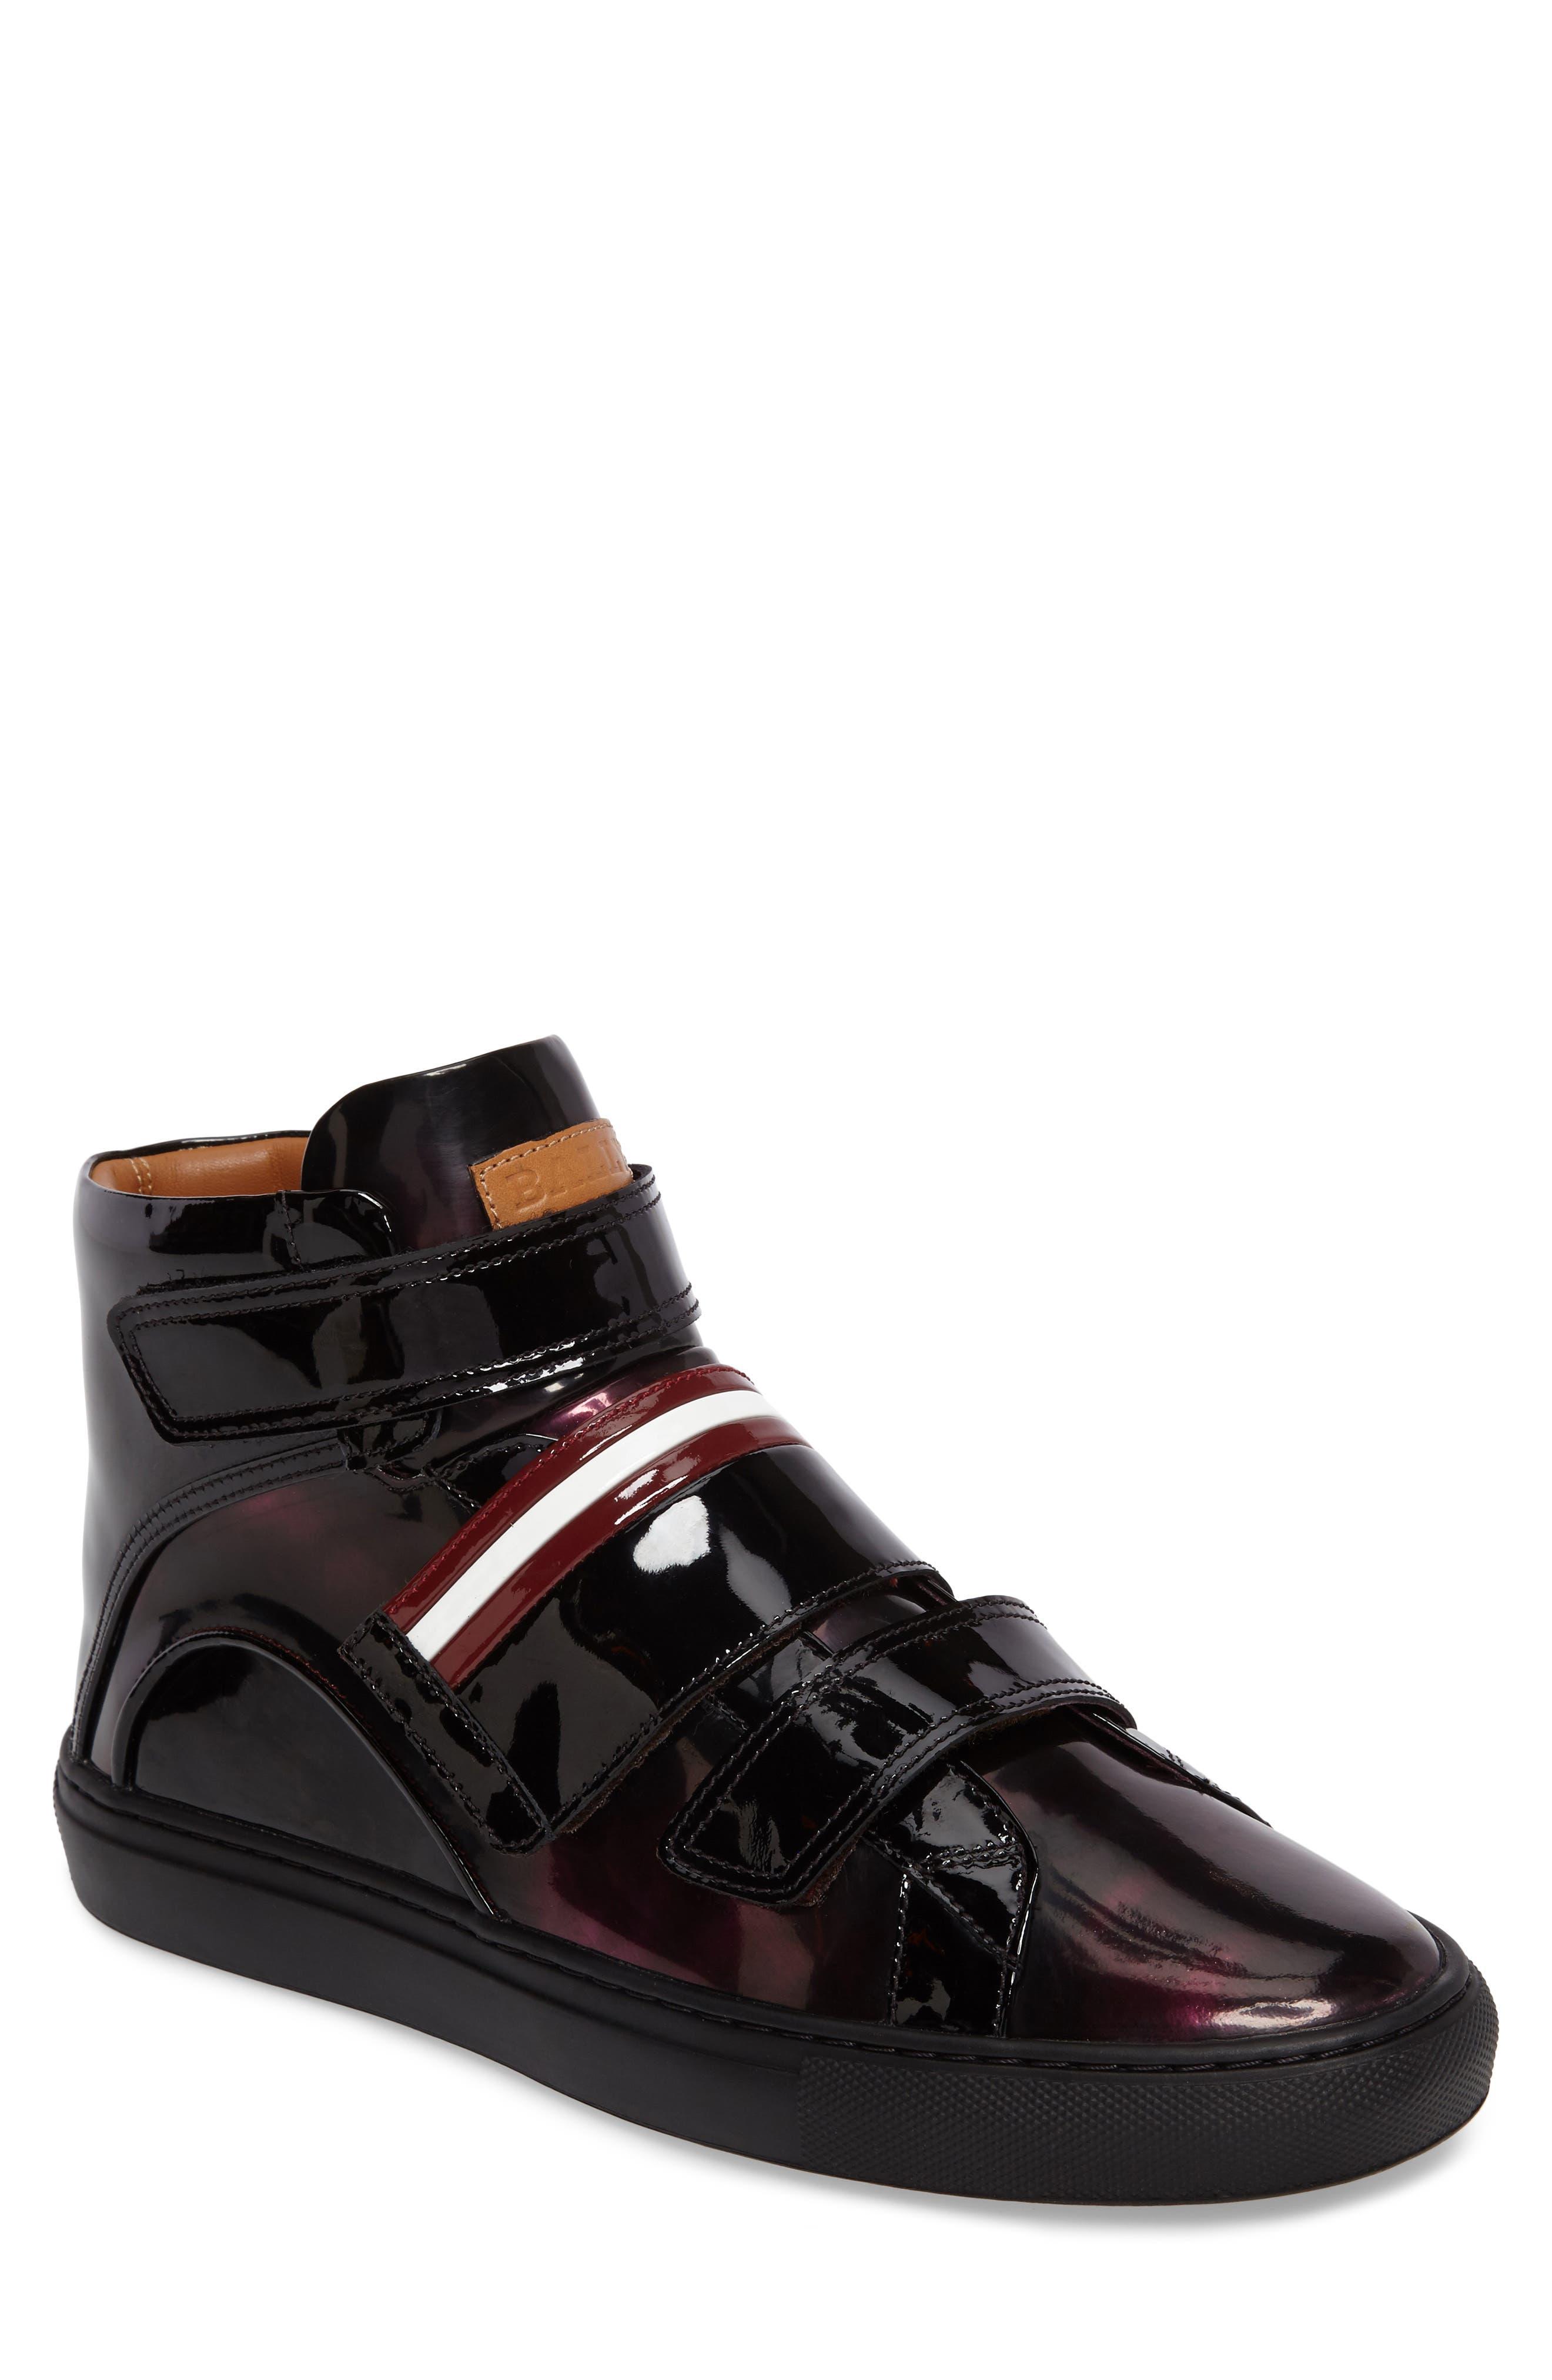 BALLY Herick High Top Sneaker